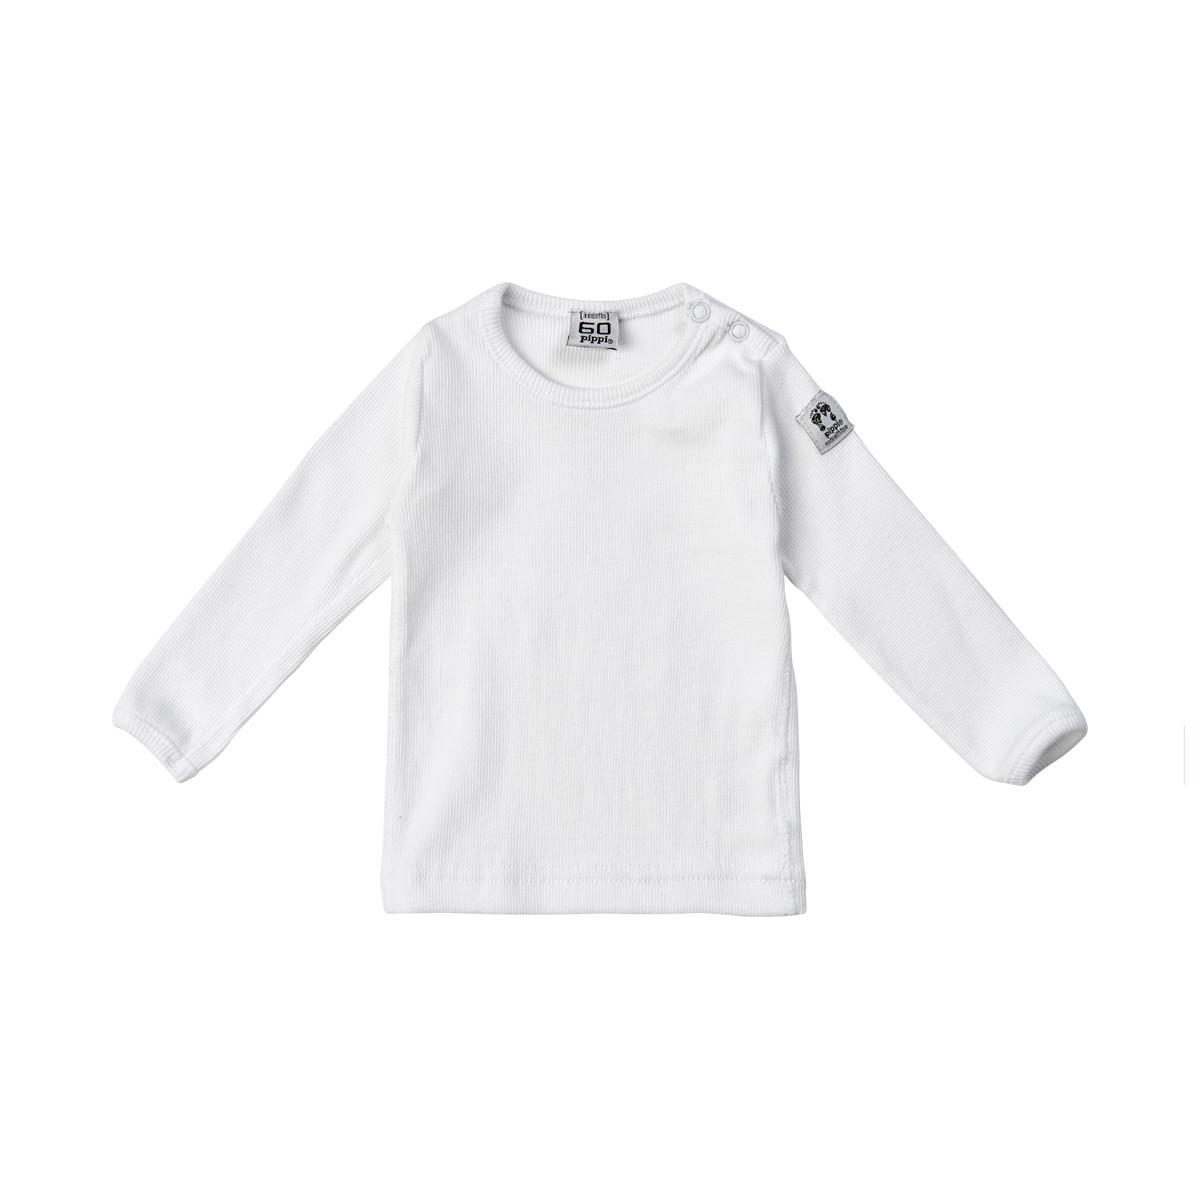 Långärmad vit t shirt för barn Pippi